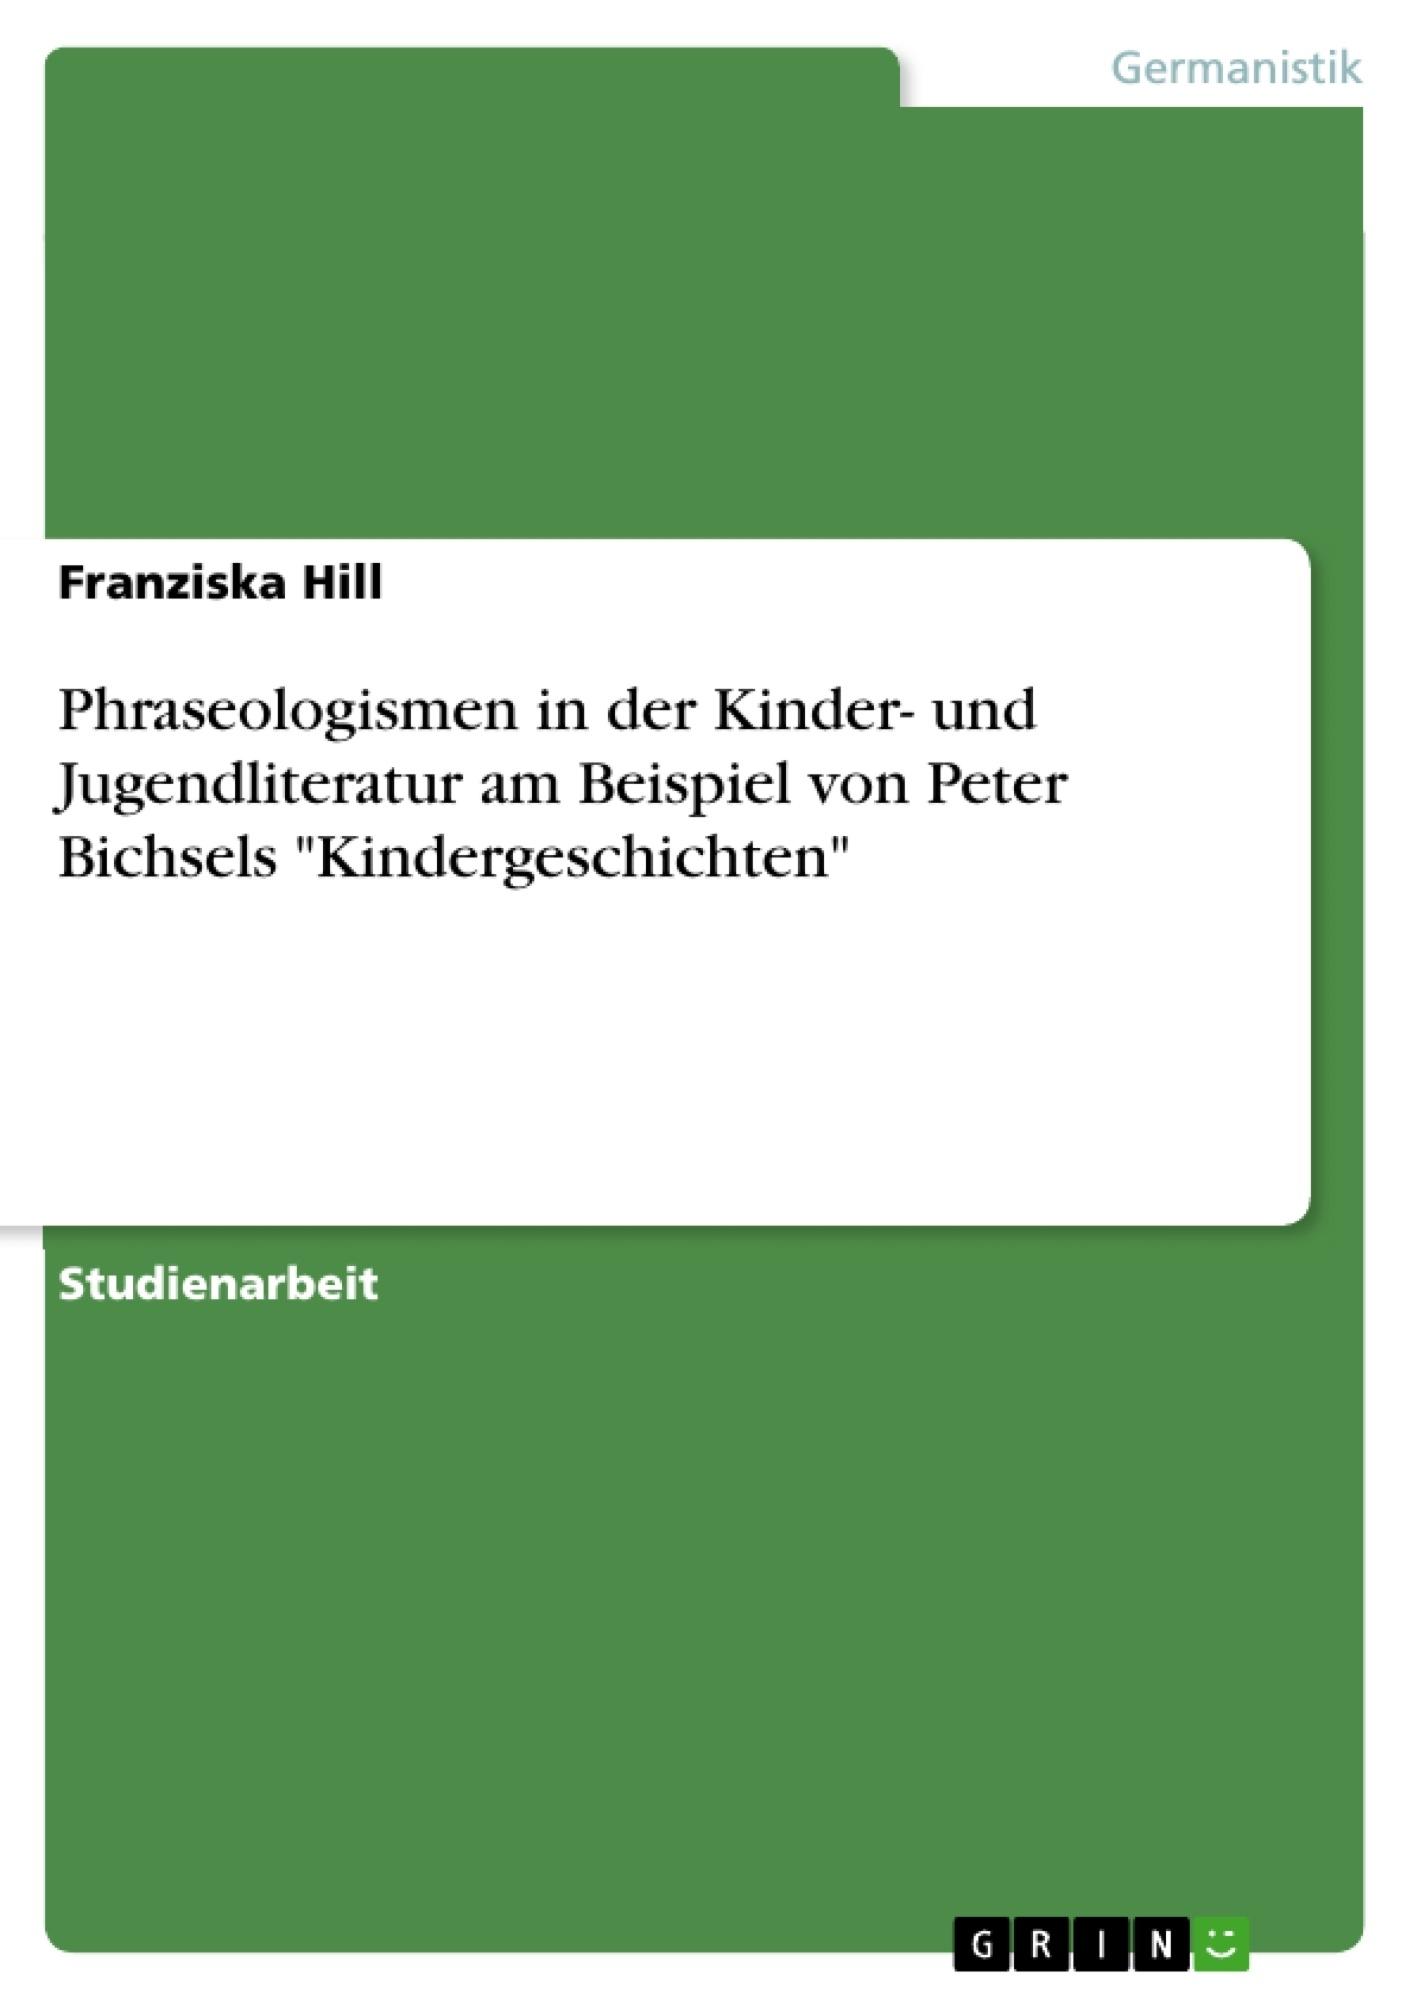 """Titel: Phraseologismen in der Kinder- und Jugendliteratur am Beispiel von Peter Bichsels """"Kindergeschichten"""""""